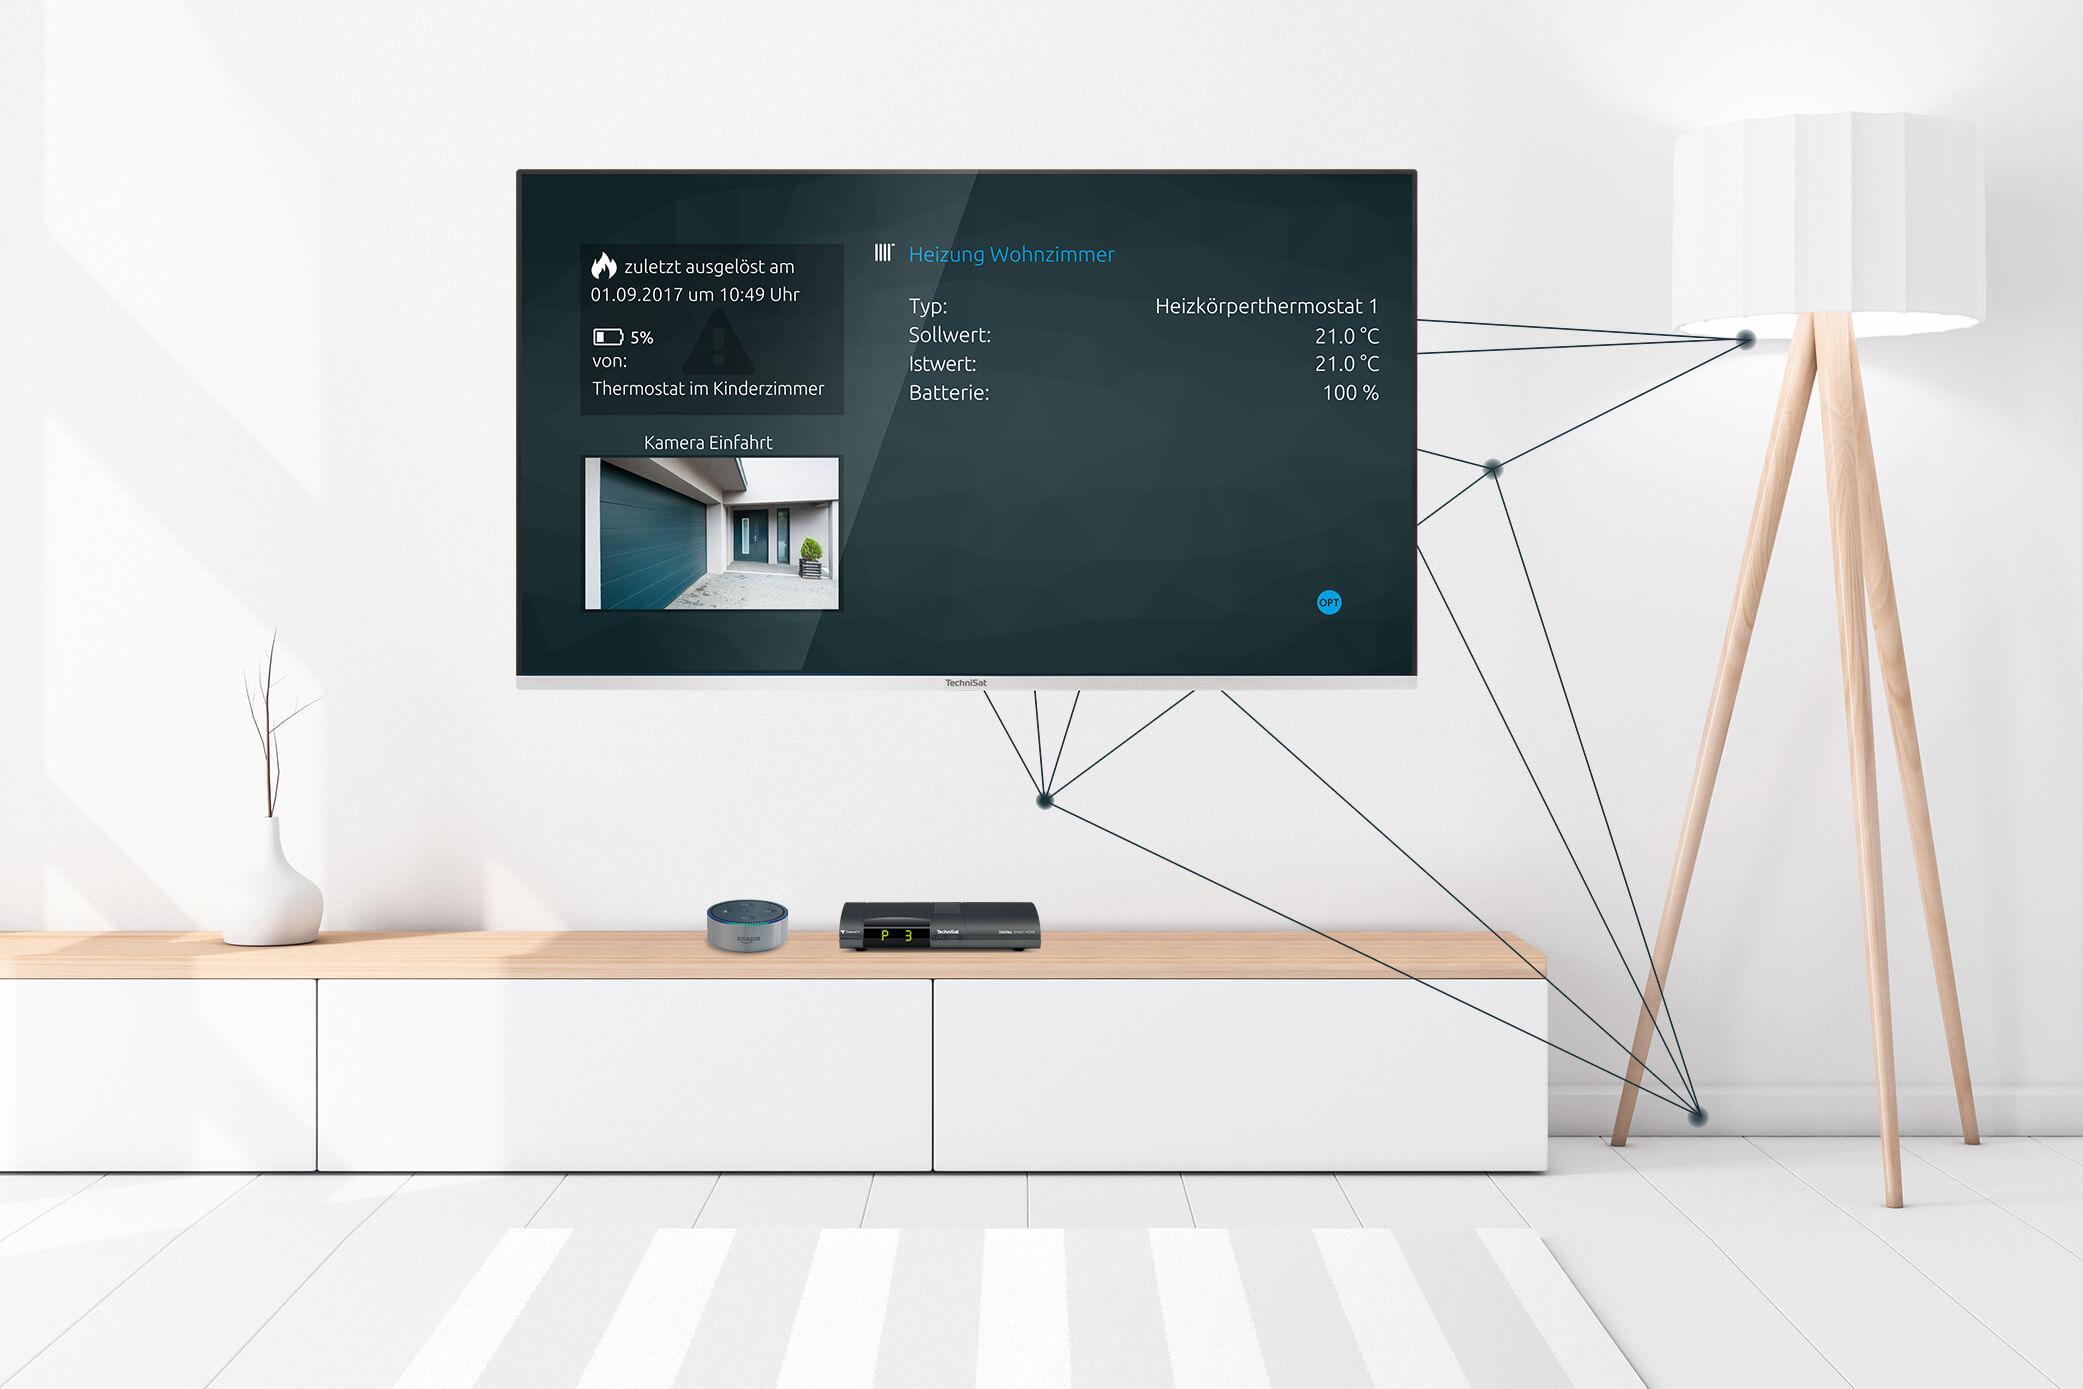 So können Sie das TechniSat Smart-Home-System über die Alexa-Sprachsteuerung bedienen.